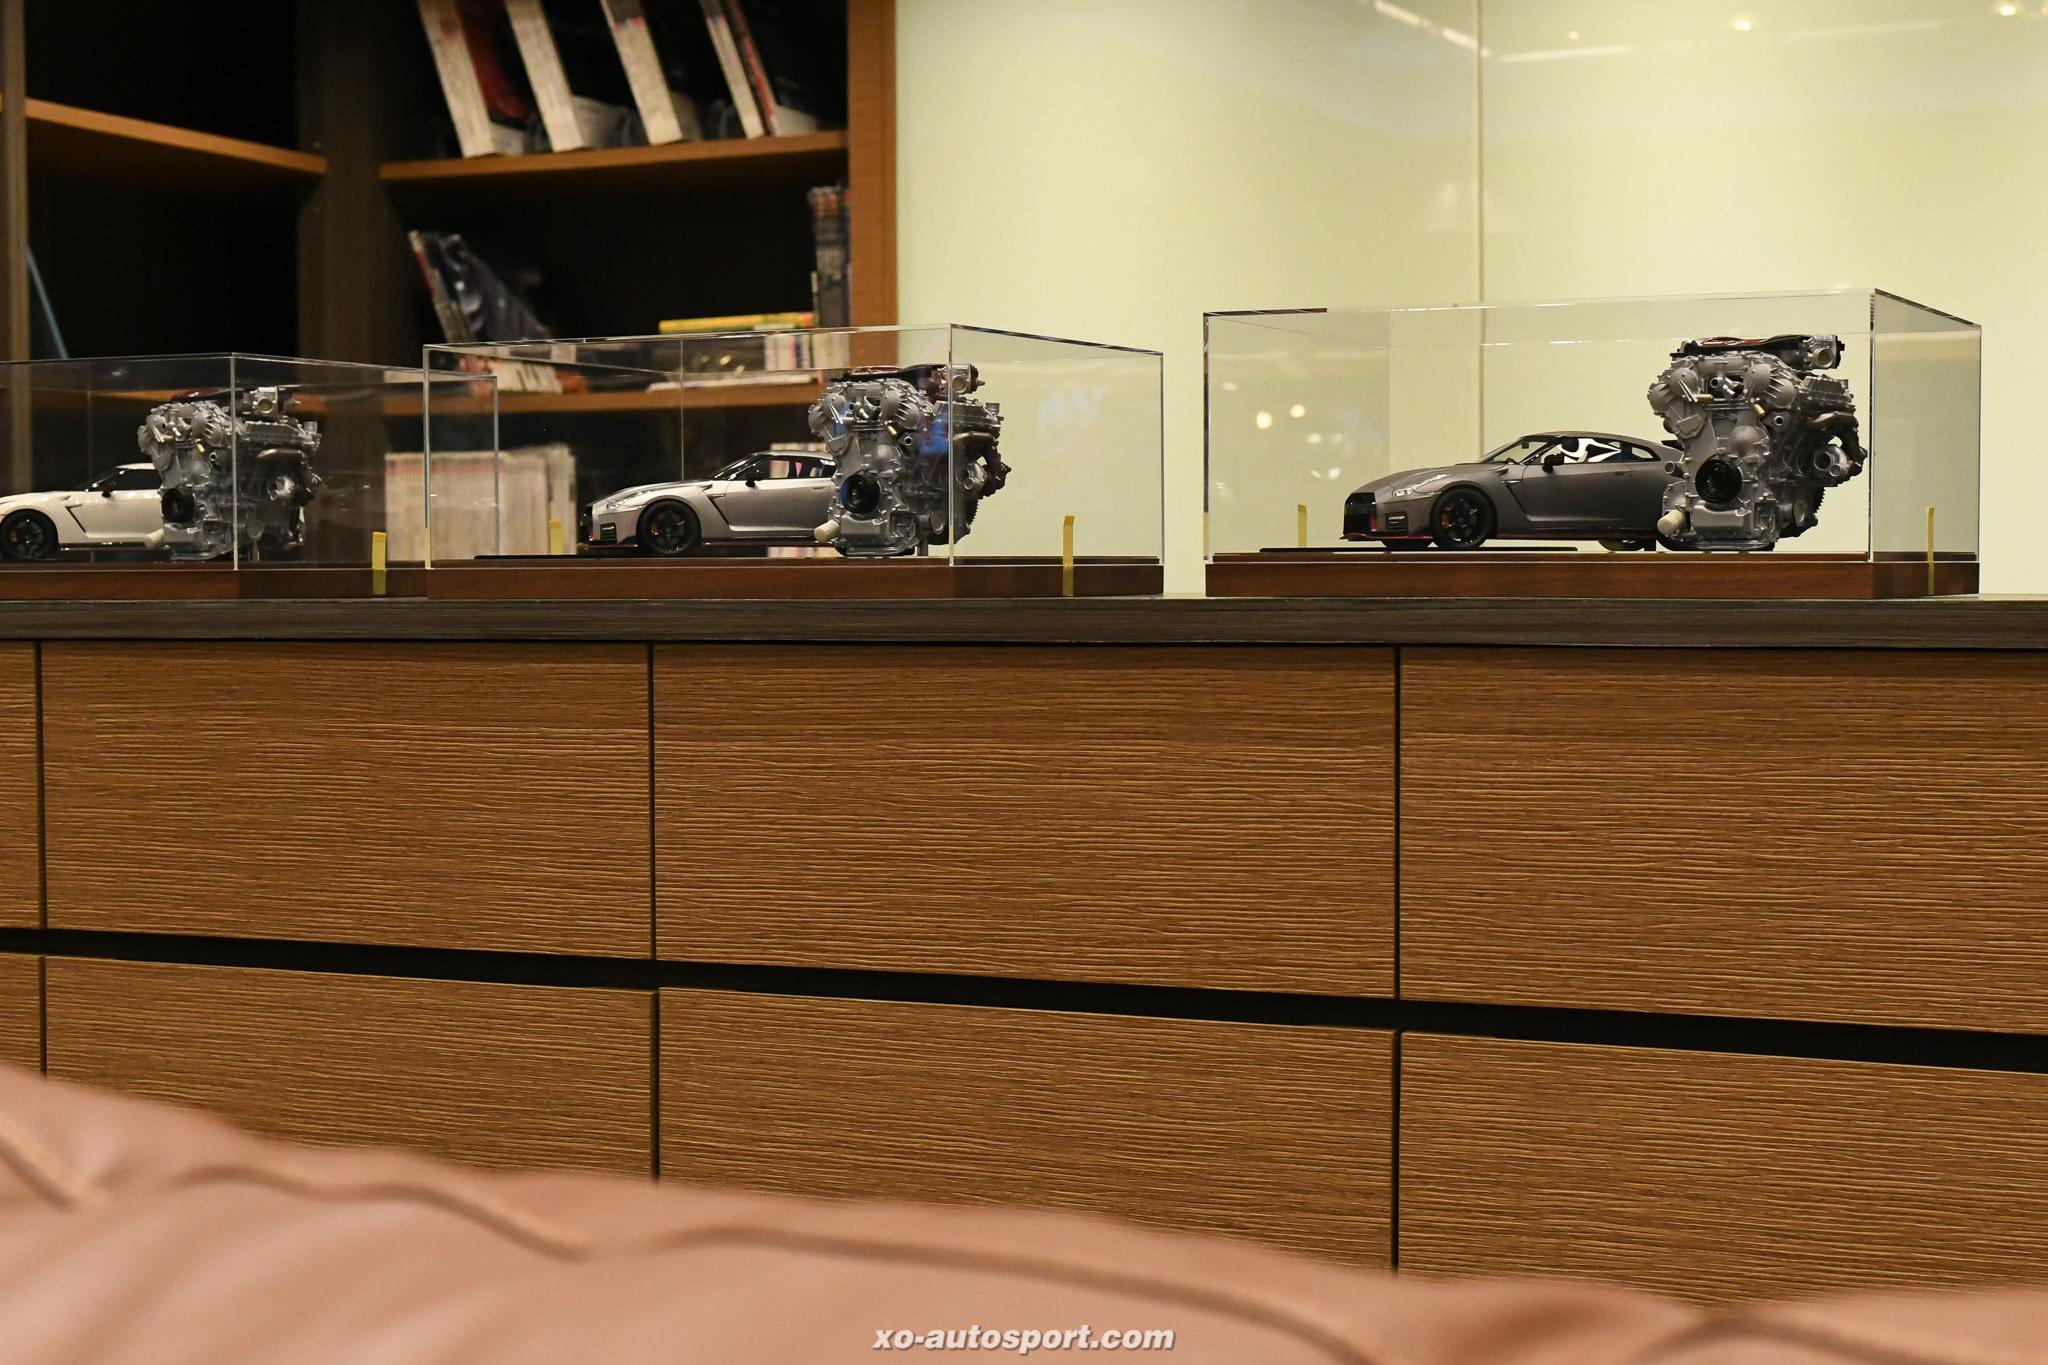 Heng Garage DSC_0868